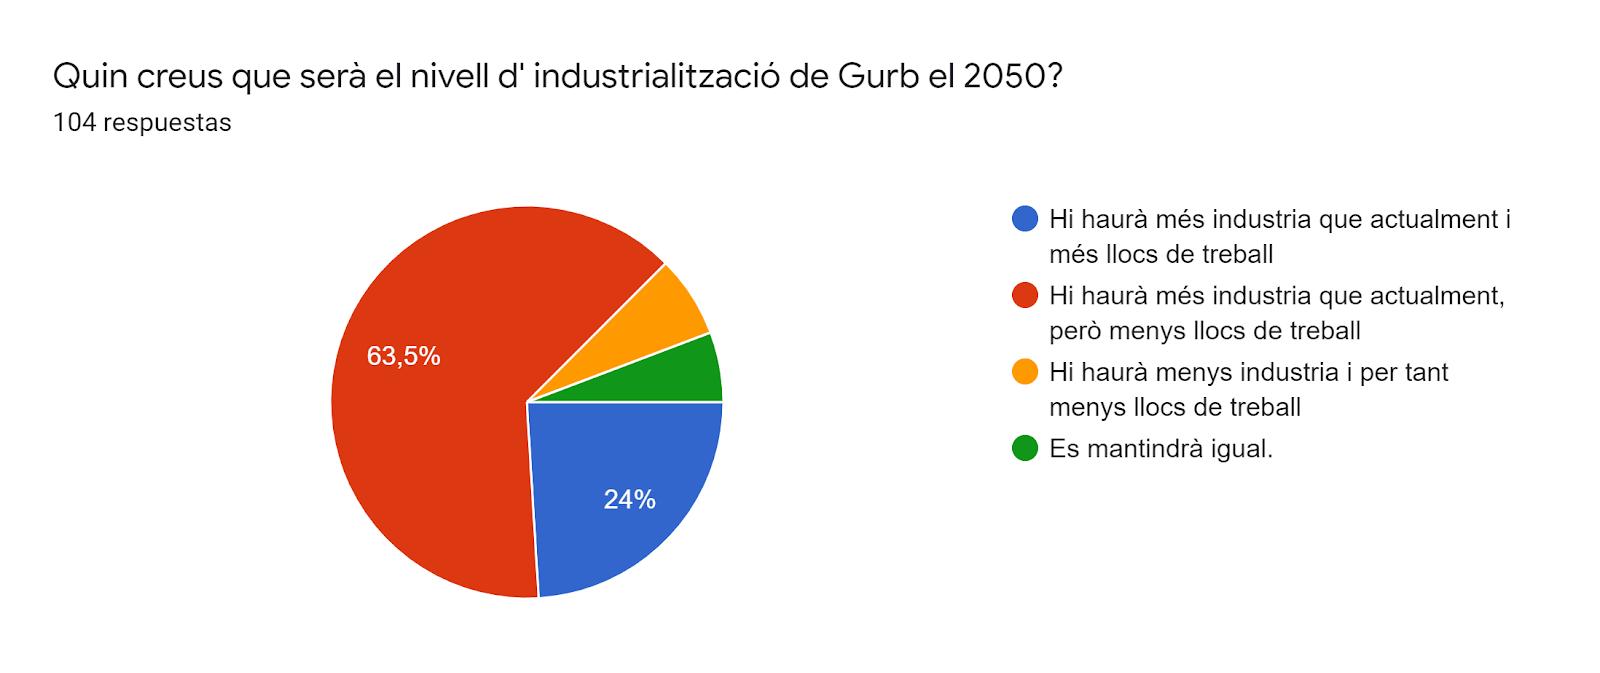 Gráfico de respuestas de formularios. Título de la pregunta:Quin creus que serà el nivell d' industrialització de Gurb el 2050?. Número de respuestas:104 respuestas.